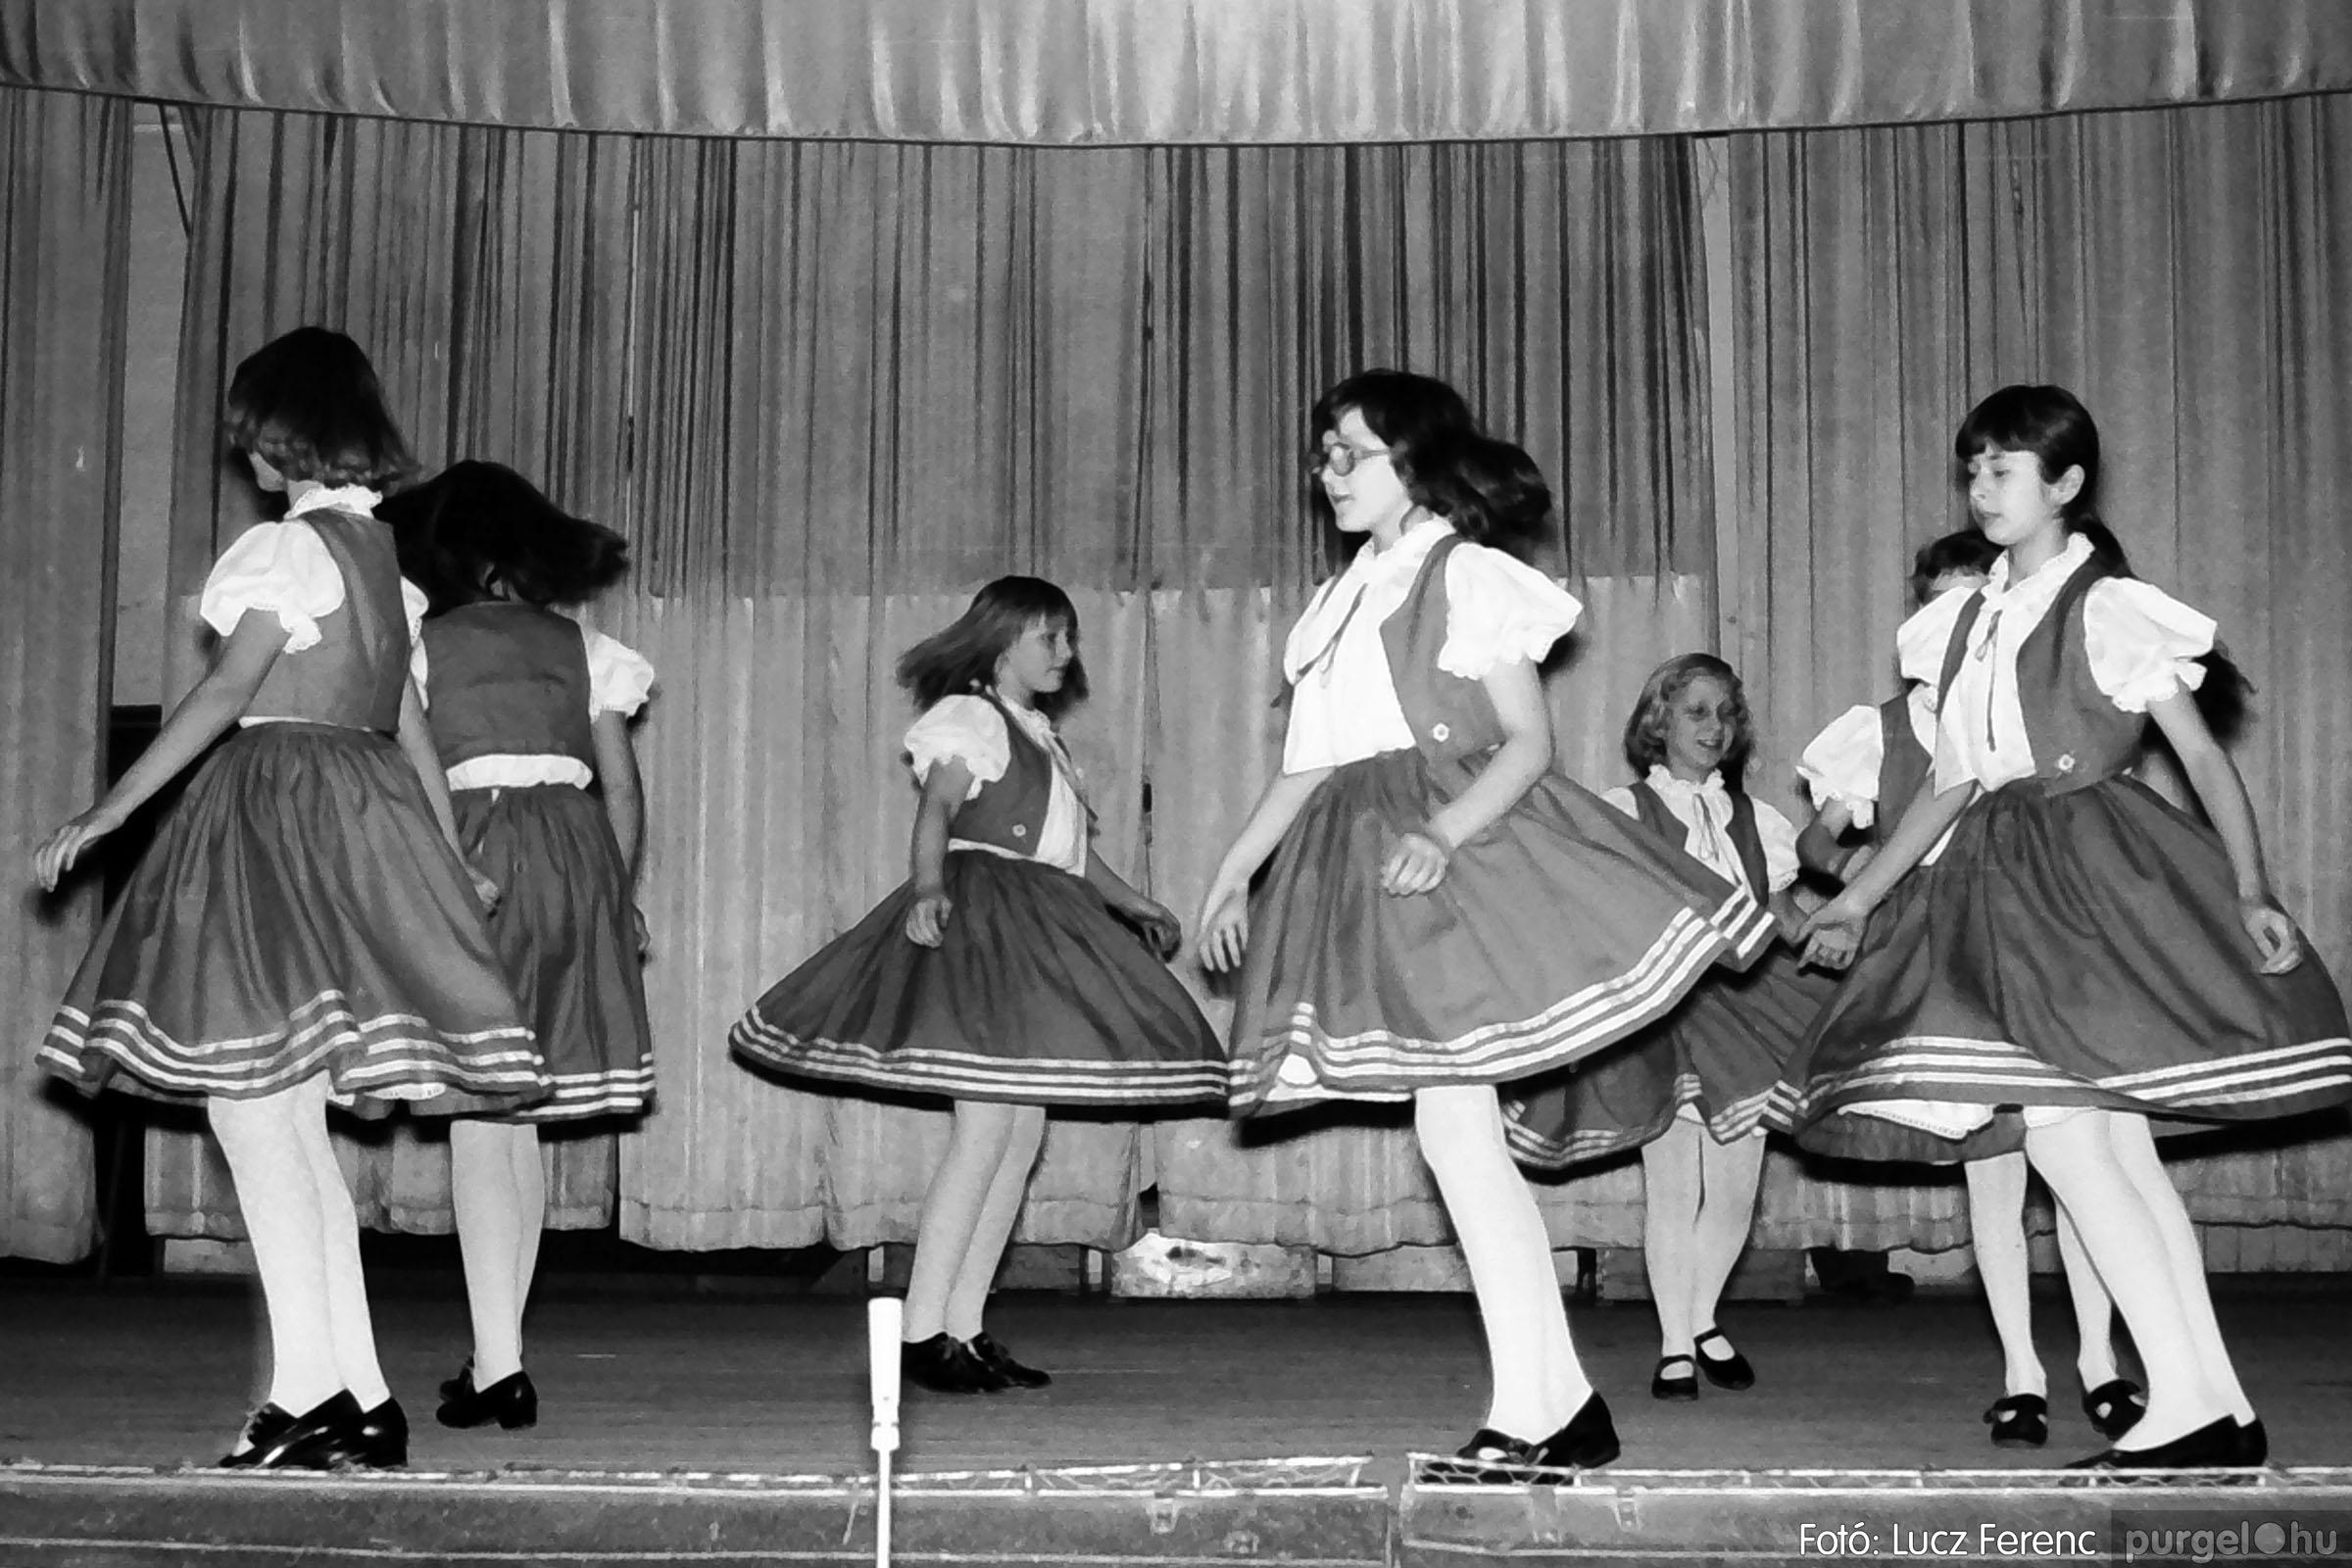 033. 1976. Diákrendezvény a kultúrházban 007 - Fotó: Lucz Ferenc.jpg